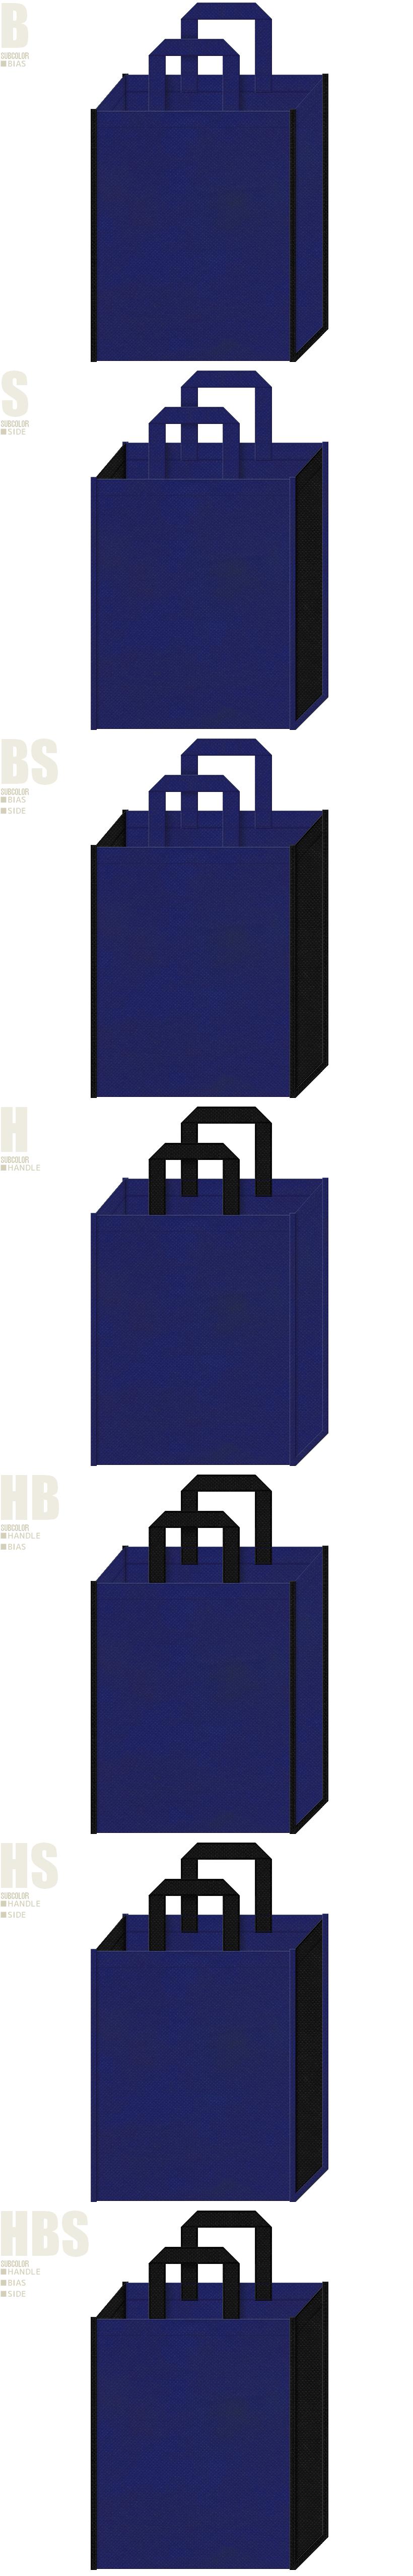 ミステリー・ホラー・アリーナ・格闘・ゲームの展示会用バッグにお奨めの不織布バッグデザイン:明るい紺色と黒色の不織布バッグ配色7パターン